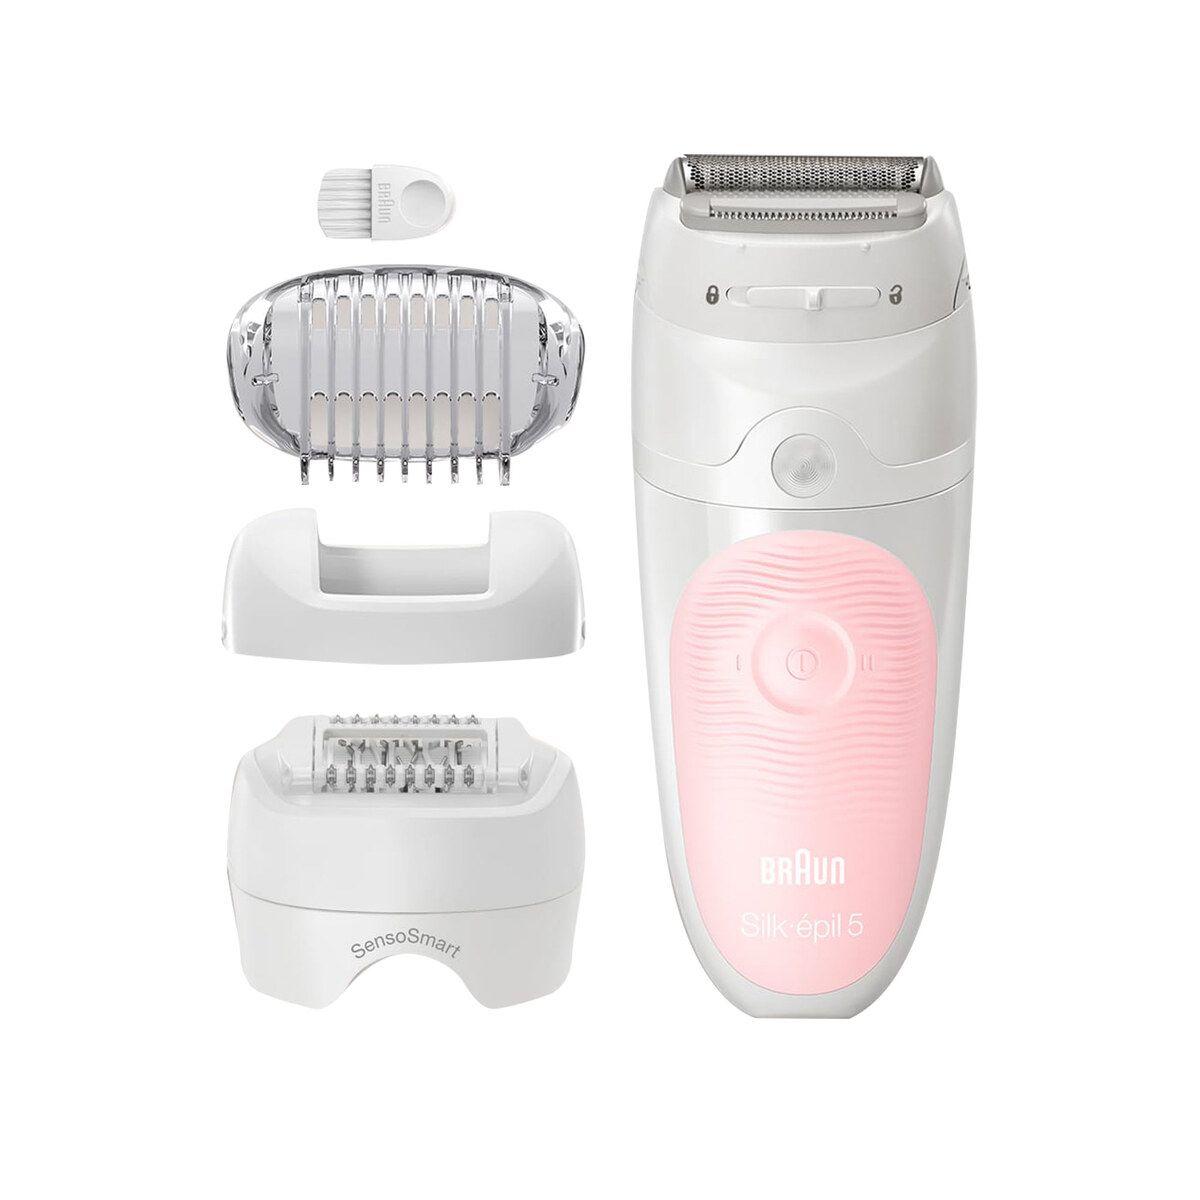 افضل انواع ماكينة براون سيلك ابيل 5 لإزالة الشعر واسعارها Hair Removal Electric Shaver Shaver